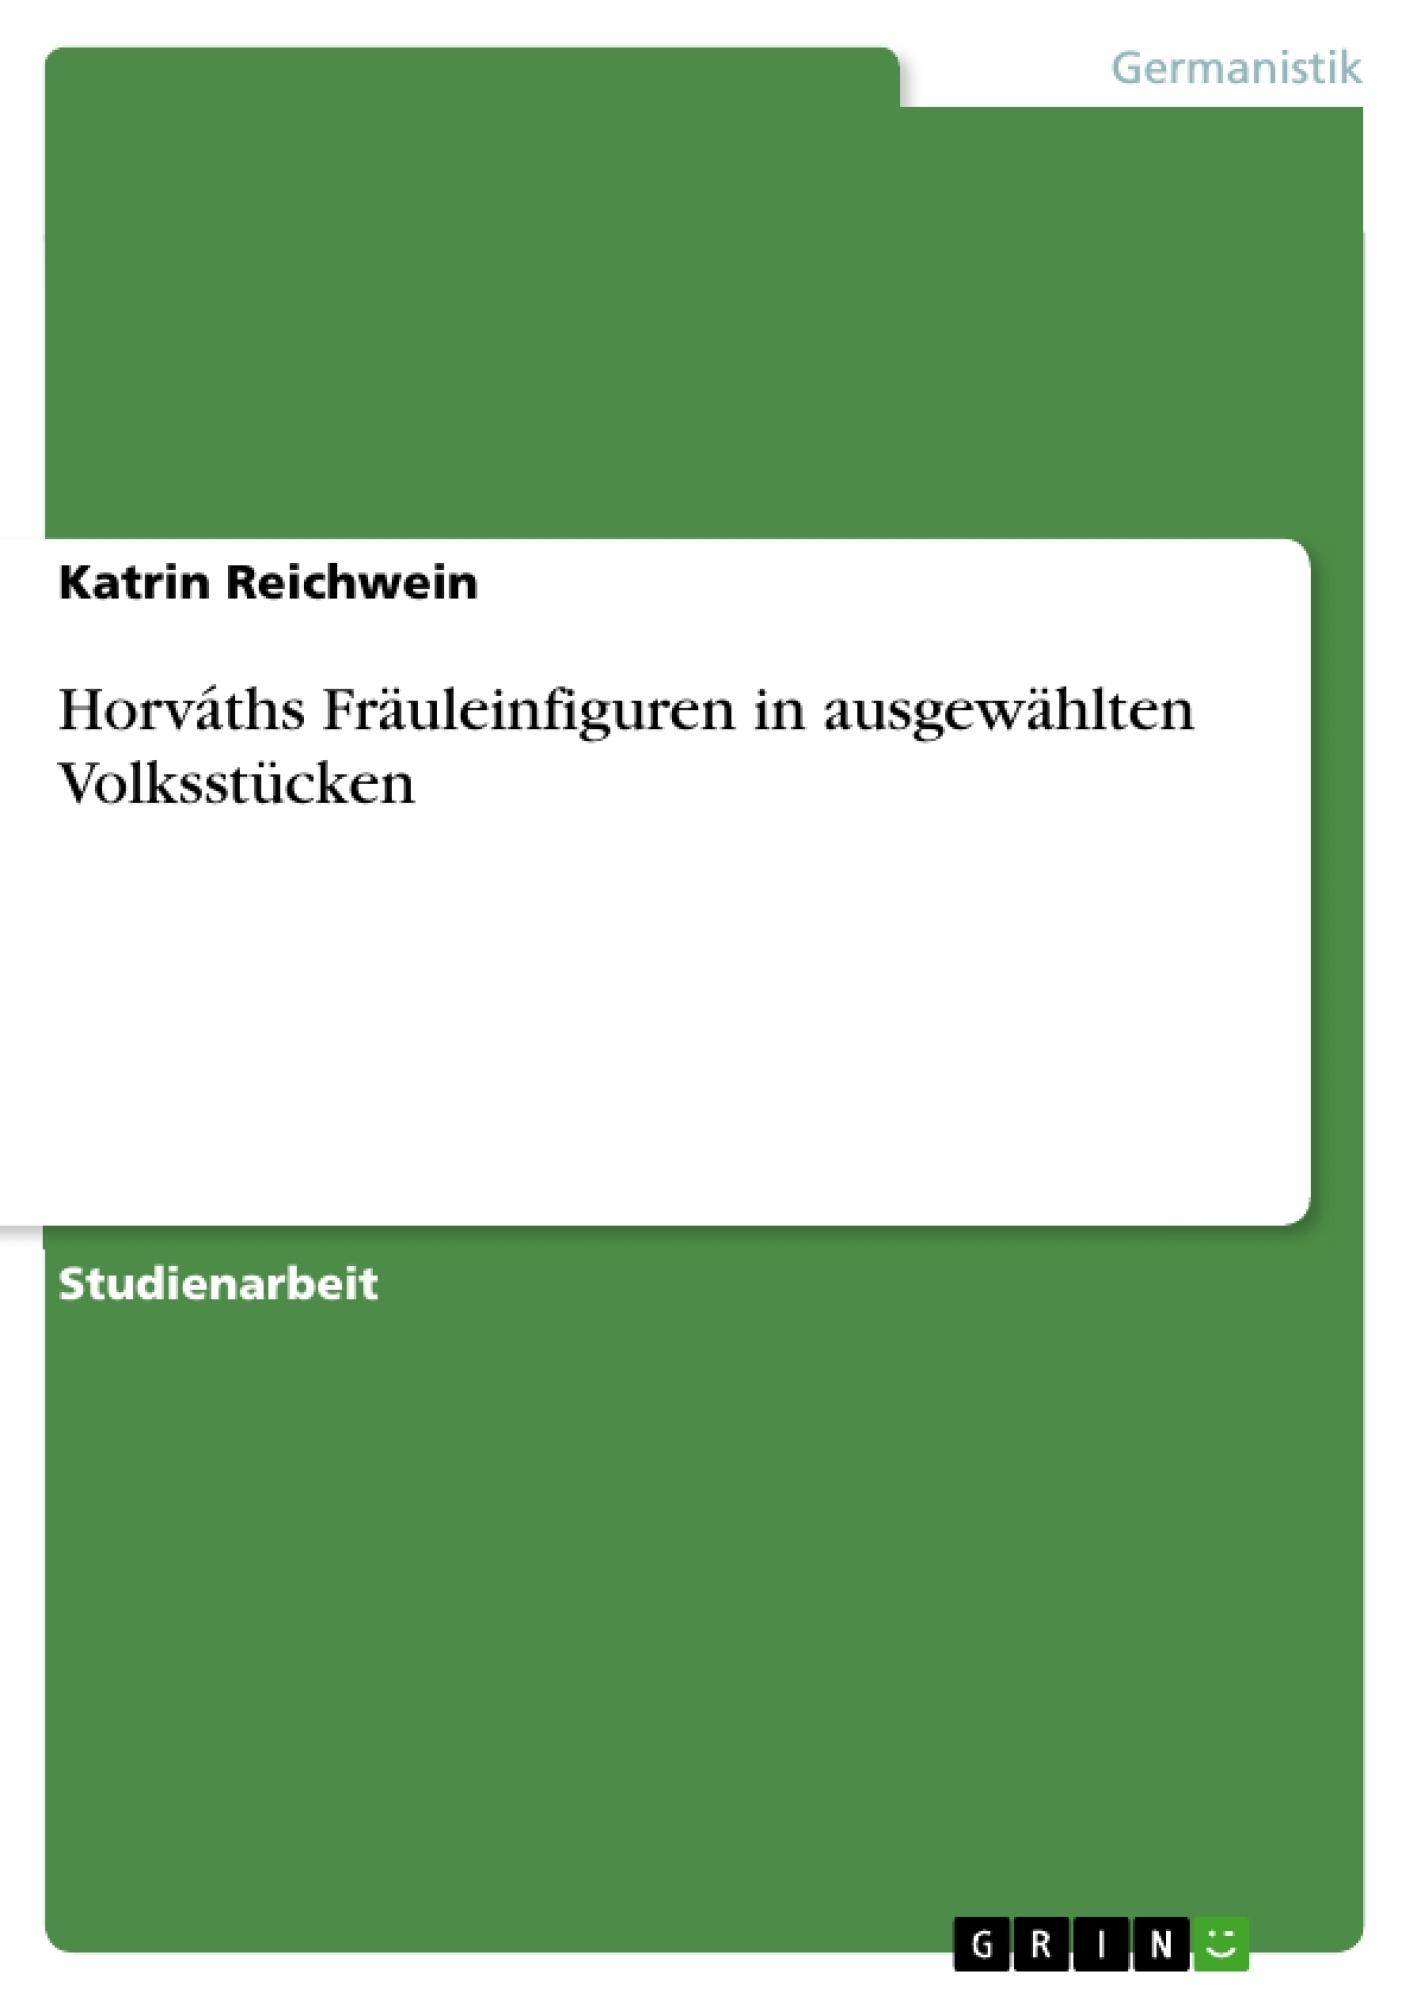 Titel: Horváths Fräuleinfiguren in ausgewählten Volksstücken